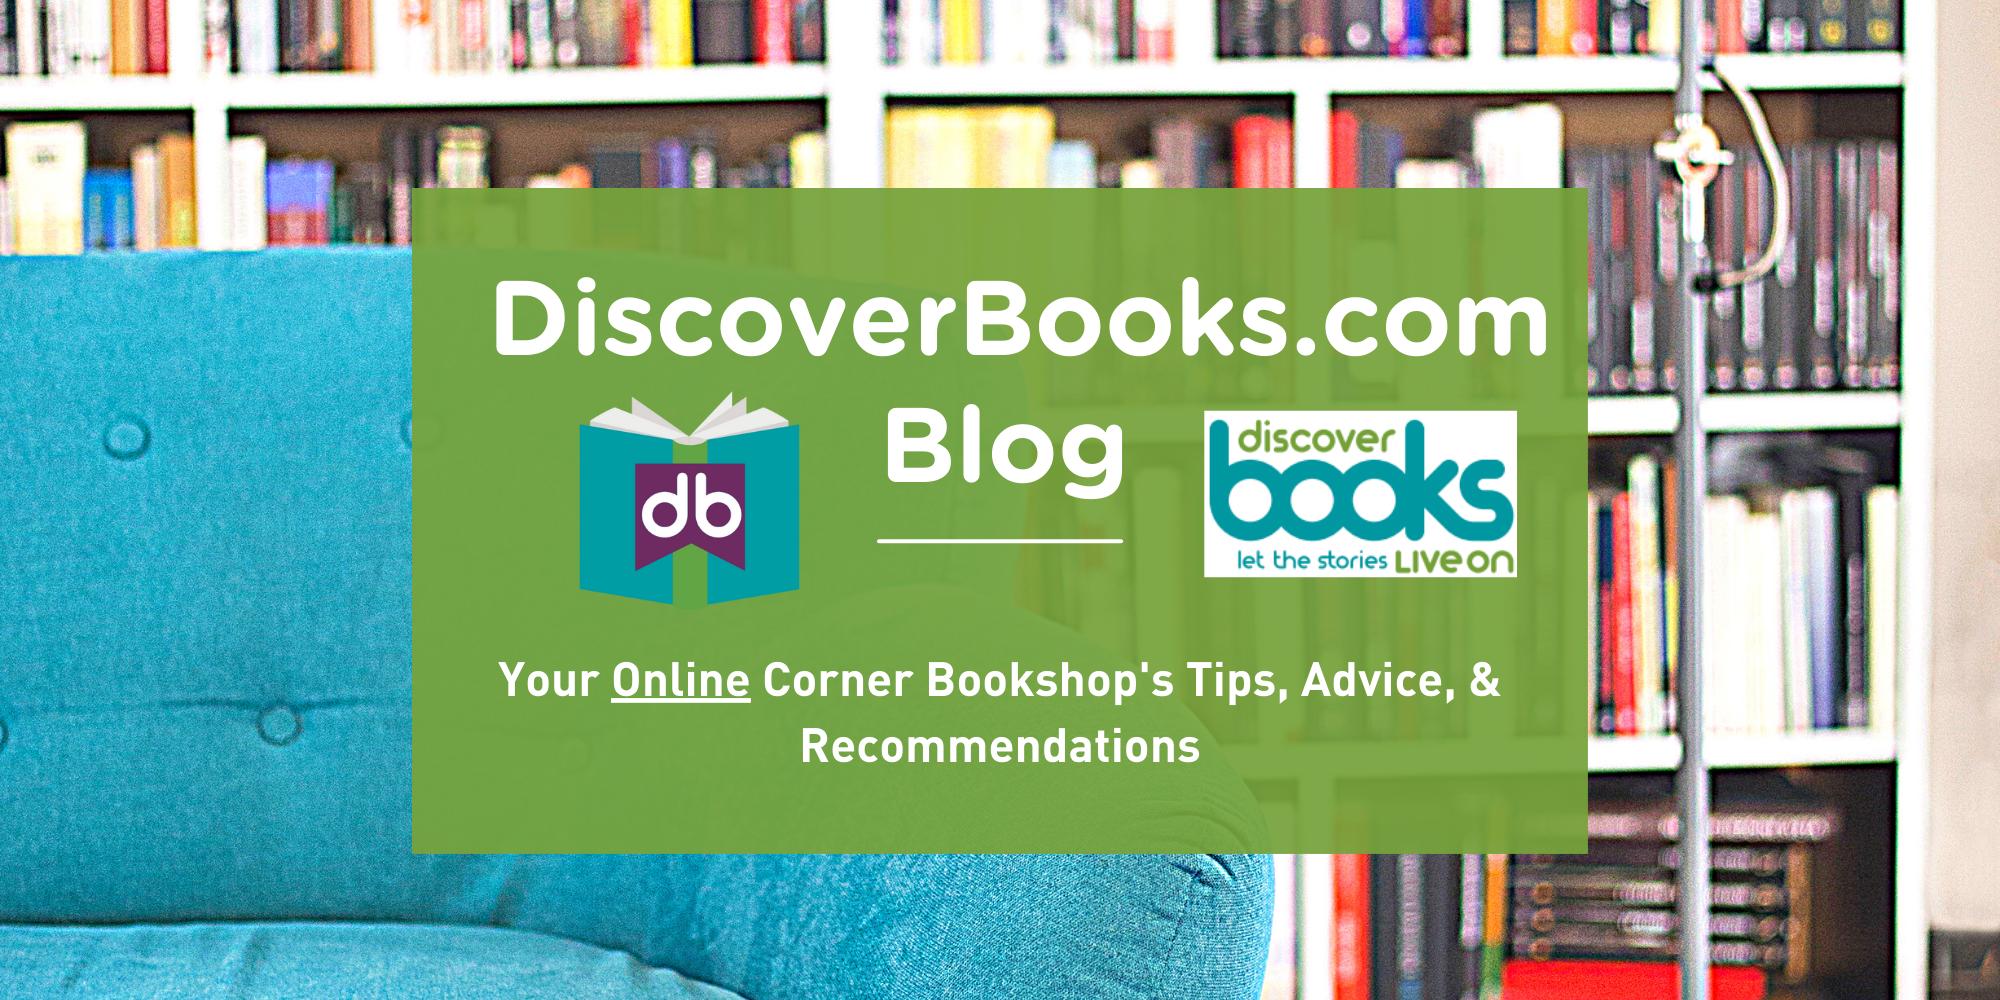 DiscoverBooks.com